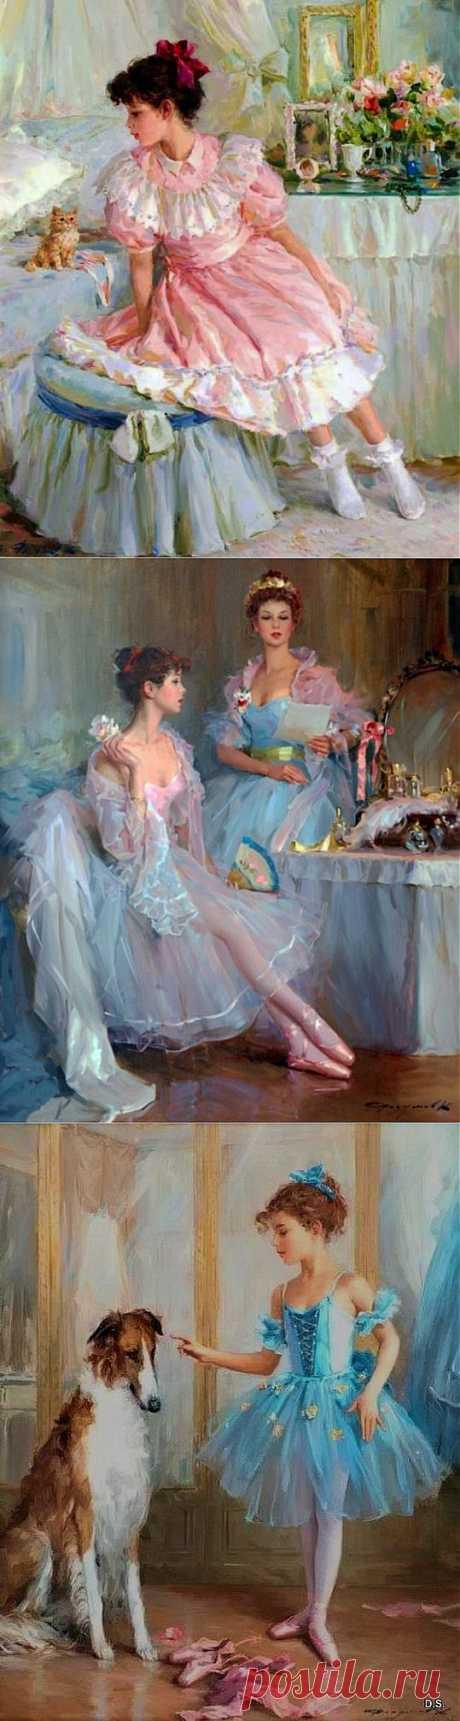 портреты девушки-мечты / Декупаж. Мастер-классы / PassionForum - мастер-классы по рукоделию